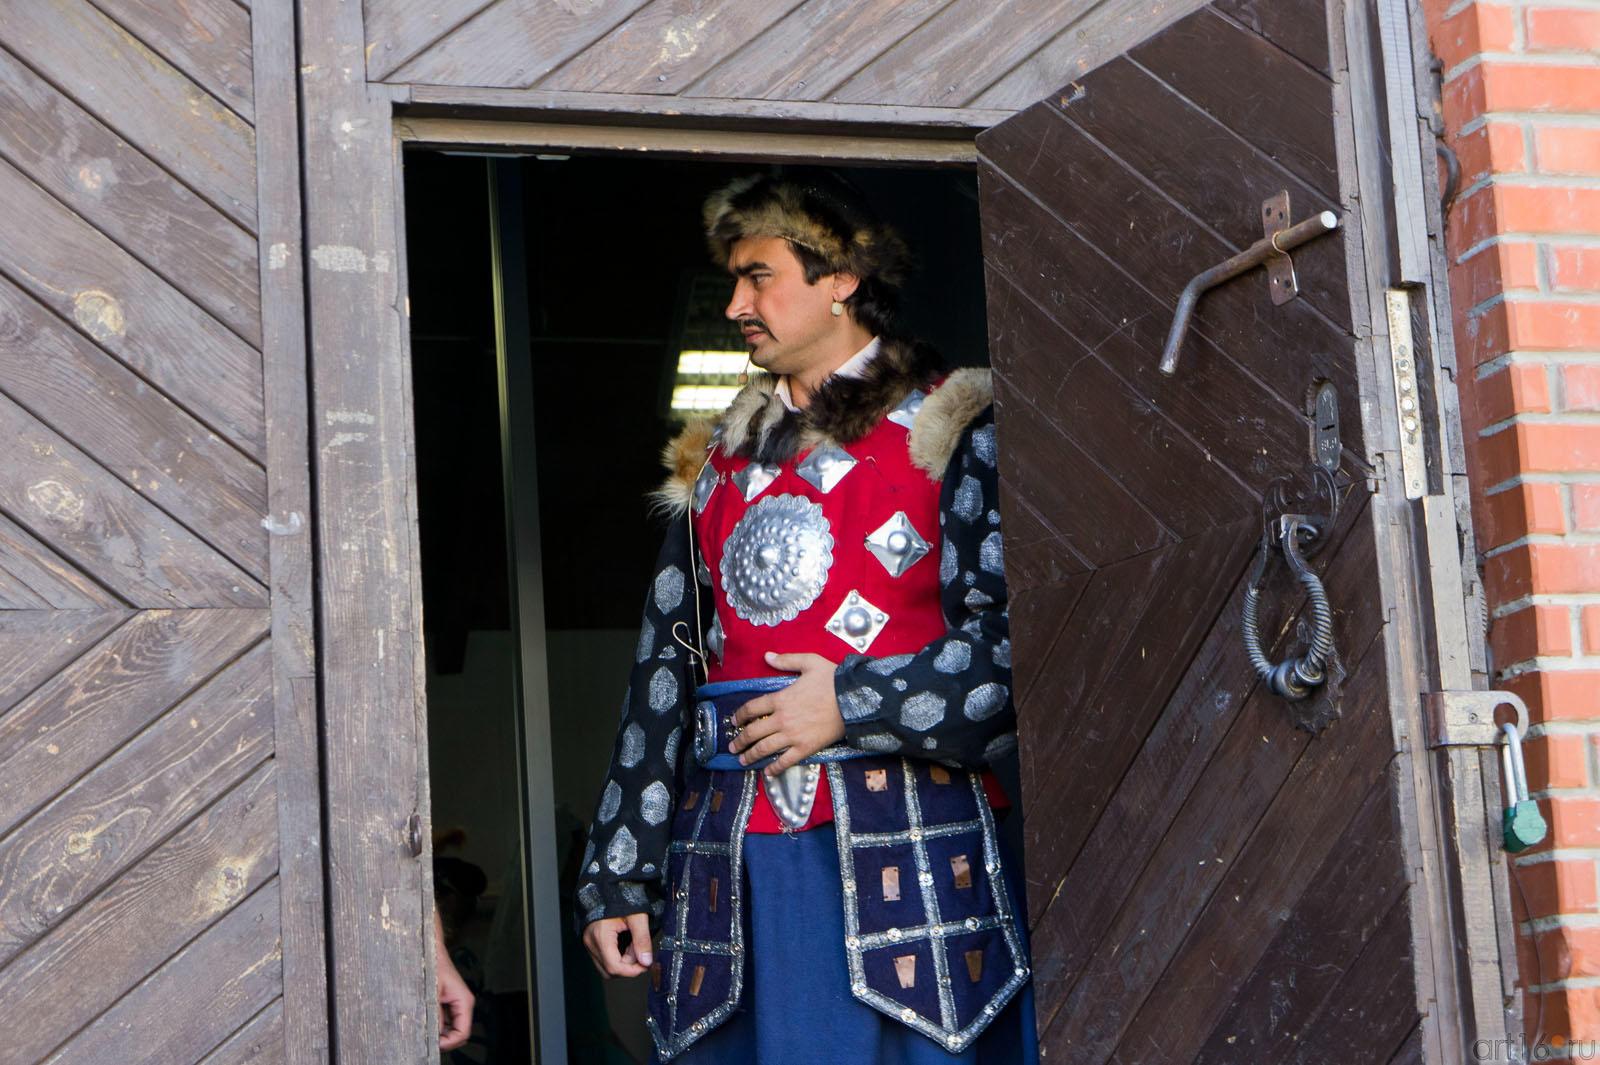 Перед началом оперы «Алтынчач»,  4 сентября 2011::Опера «Алтынчач» Н.Жиганова, либретто М.Джалиля